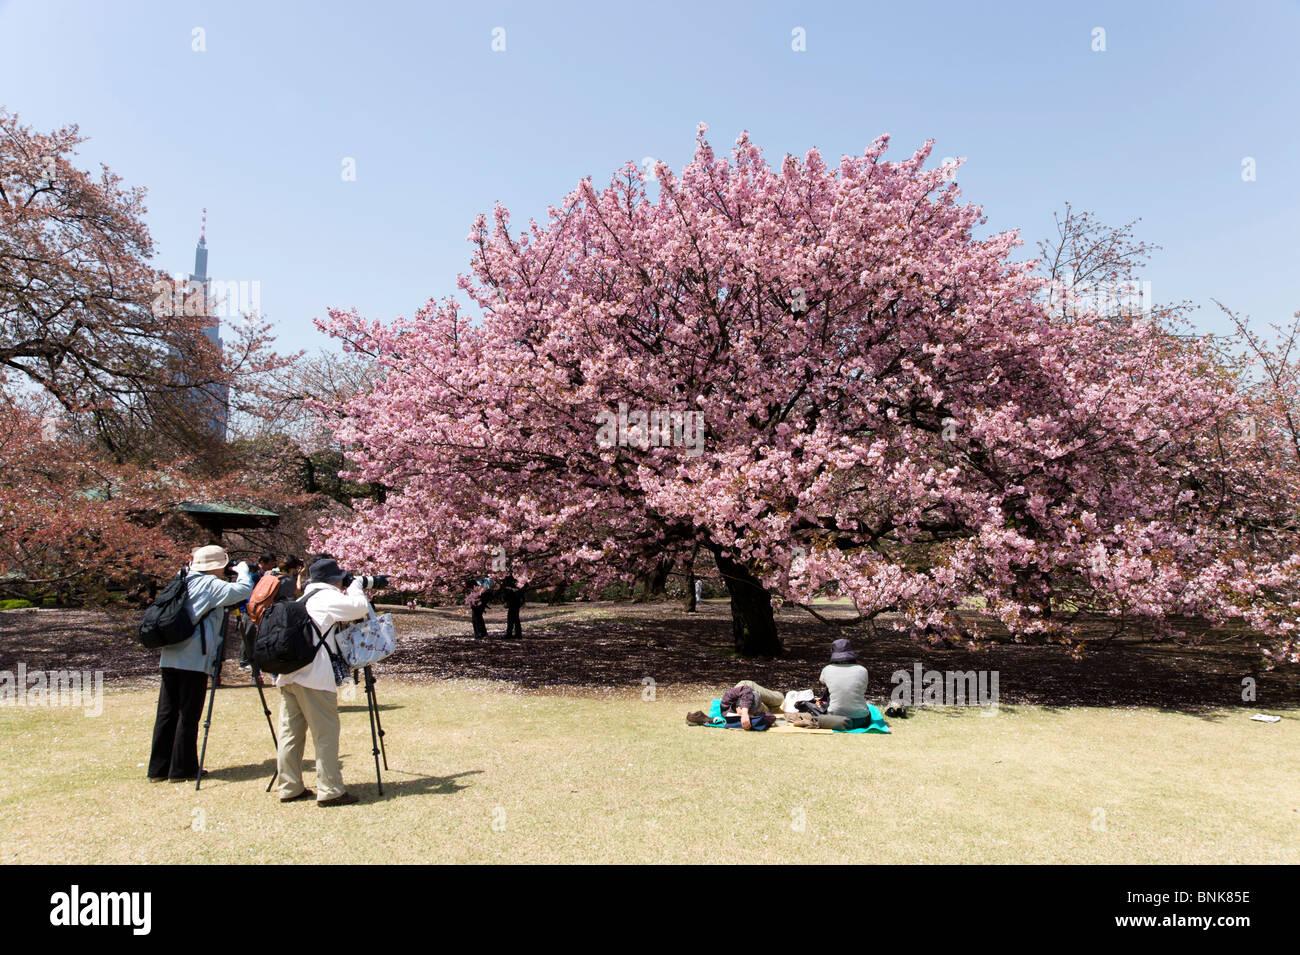 Les personnes qui prennent des photos de cherry blossom tree à Shinjuku Gyoen, Tokyo, Japon Photo Stock